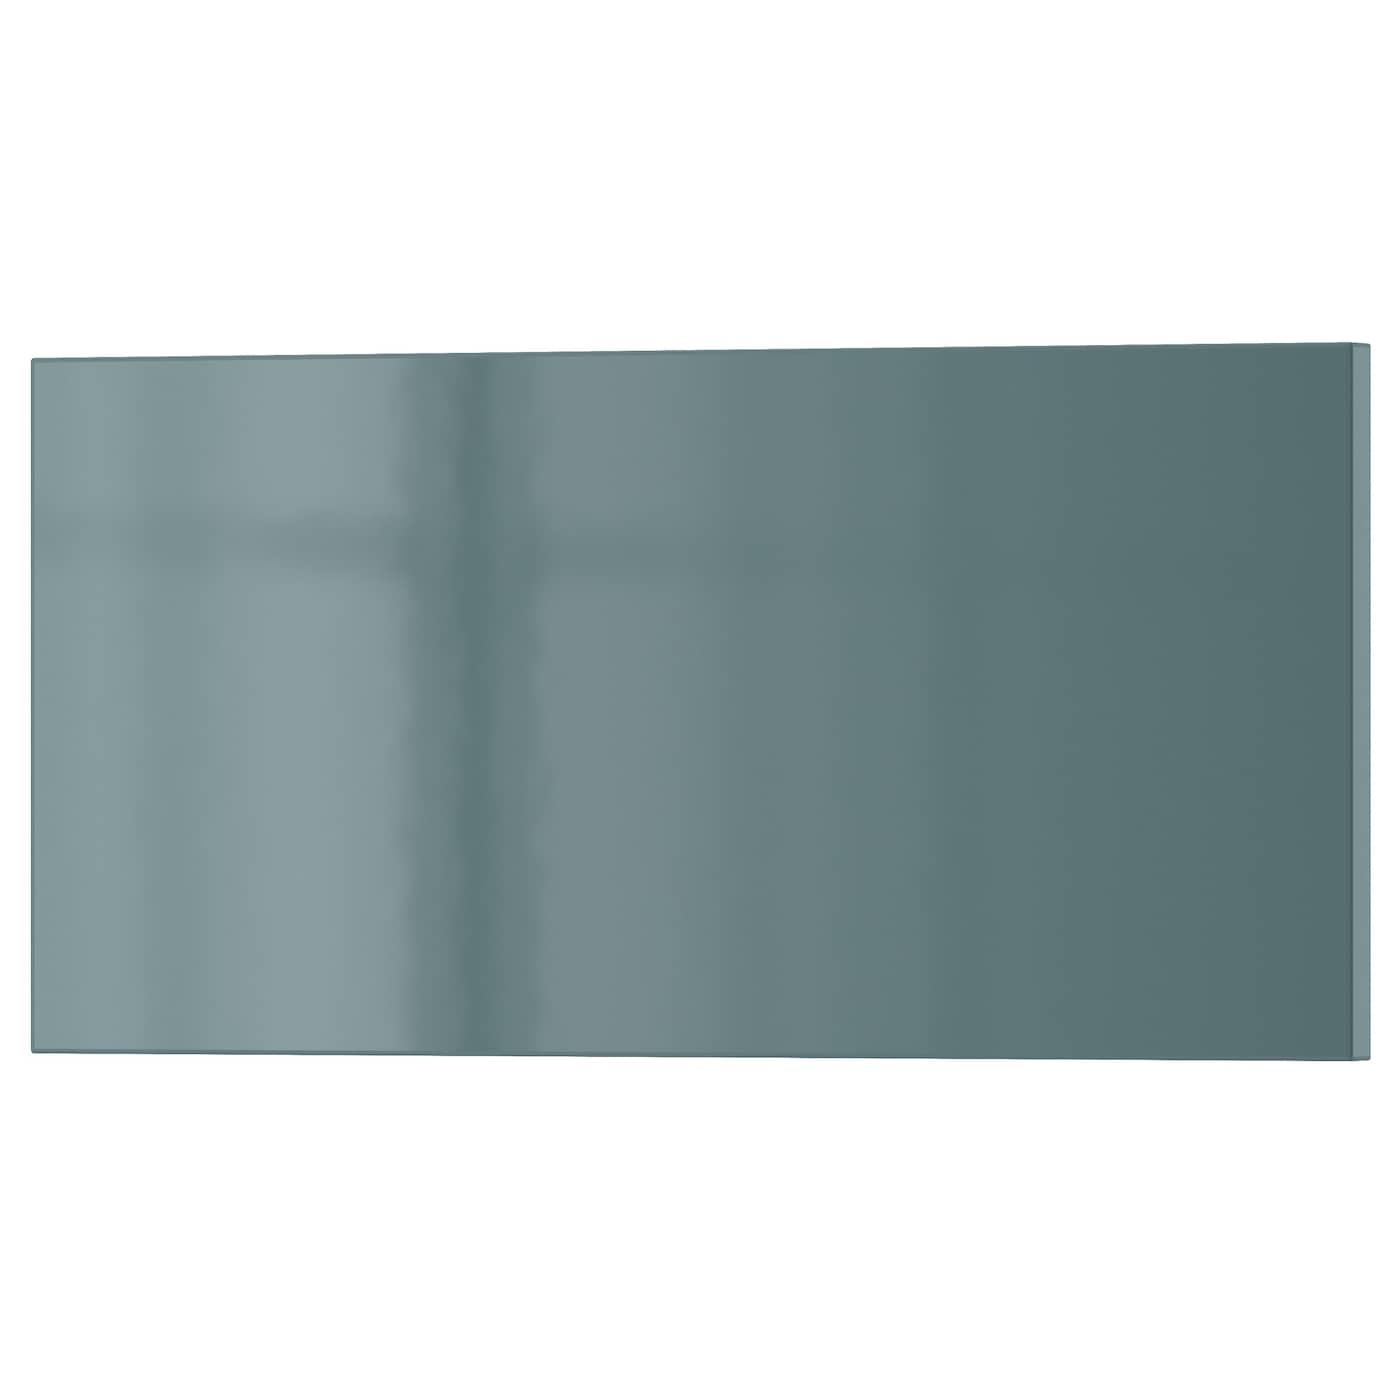 KALLARP Drawer front Highgloss greyturquoise 40×20 cm  IKEA